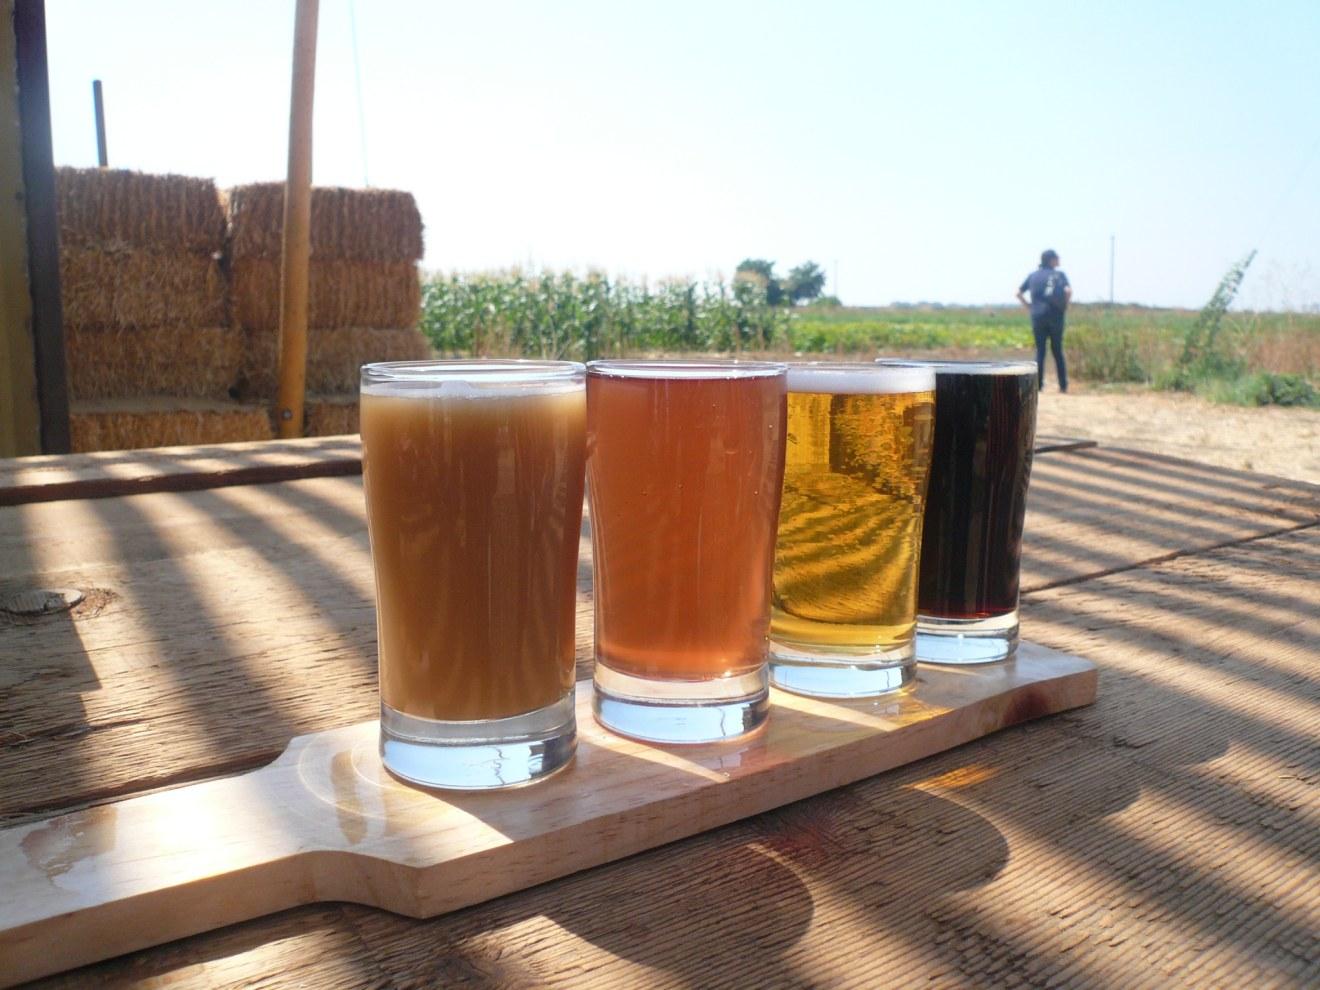 beer - Sacramento Beer Week Returns Full of Spirit